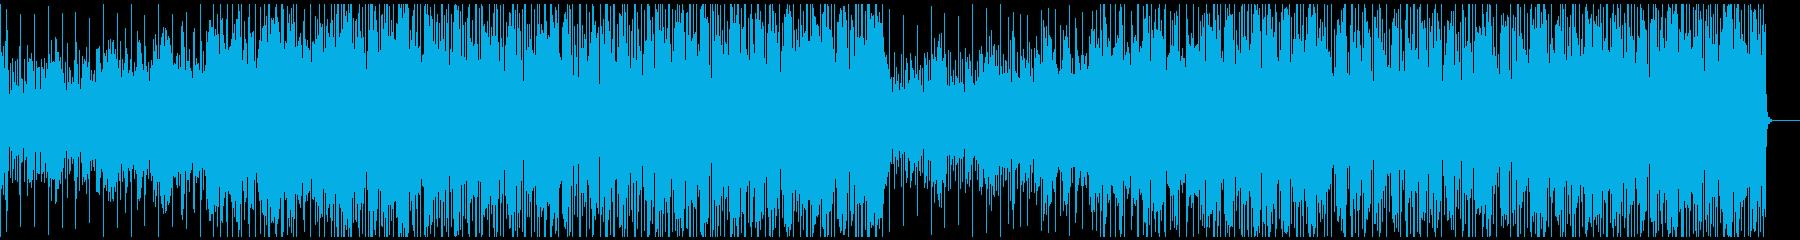 HipHop BGM ループ お洒落系の再生済みの波形